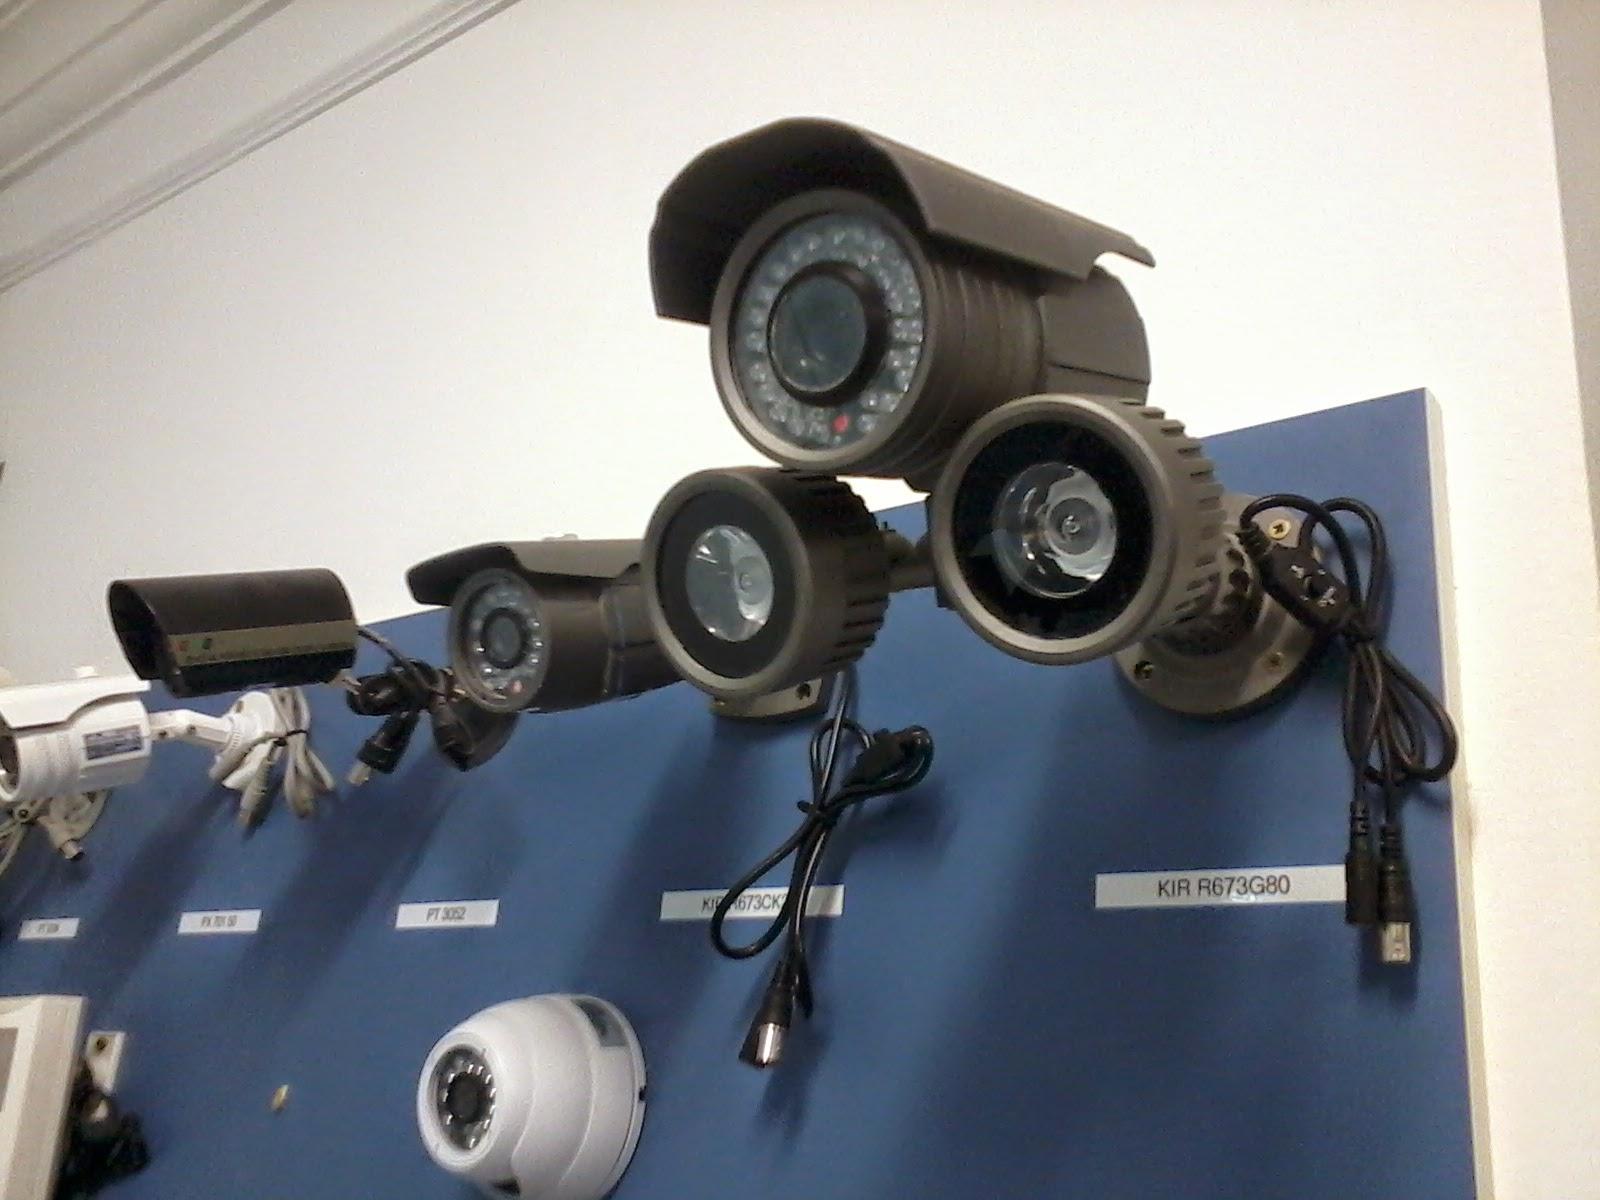 Circuito Fechado De Tv : Ricardo alves eletricista circuito fechado de tv